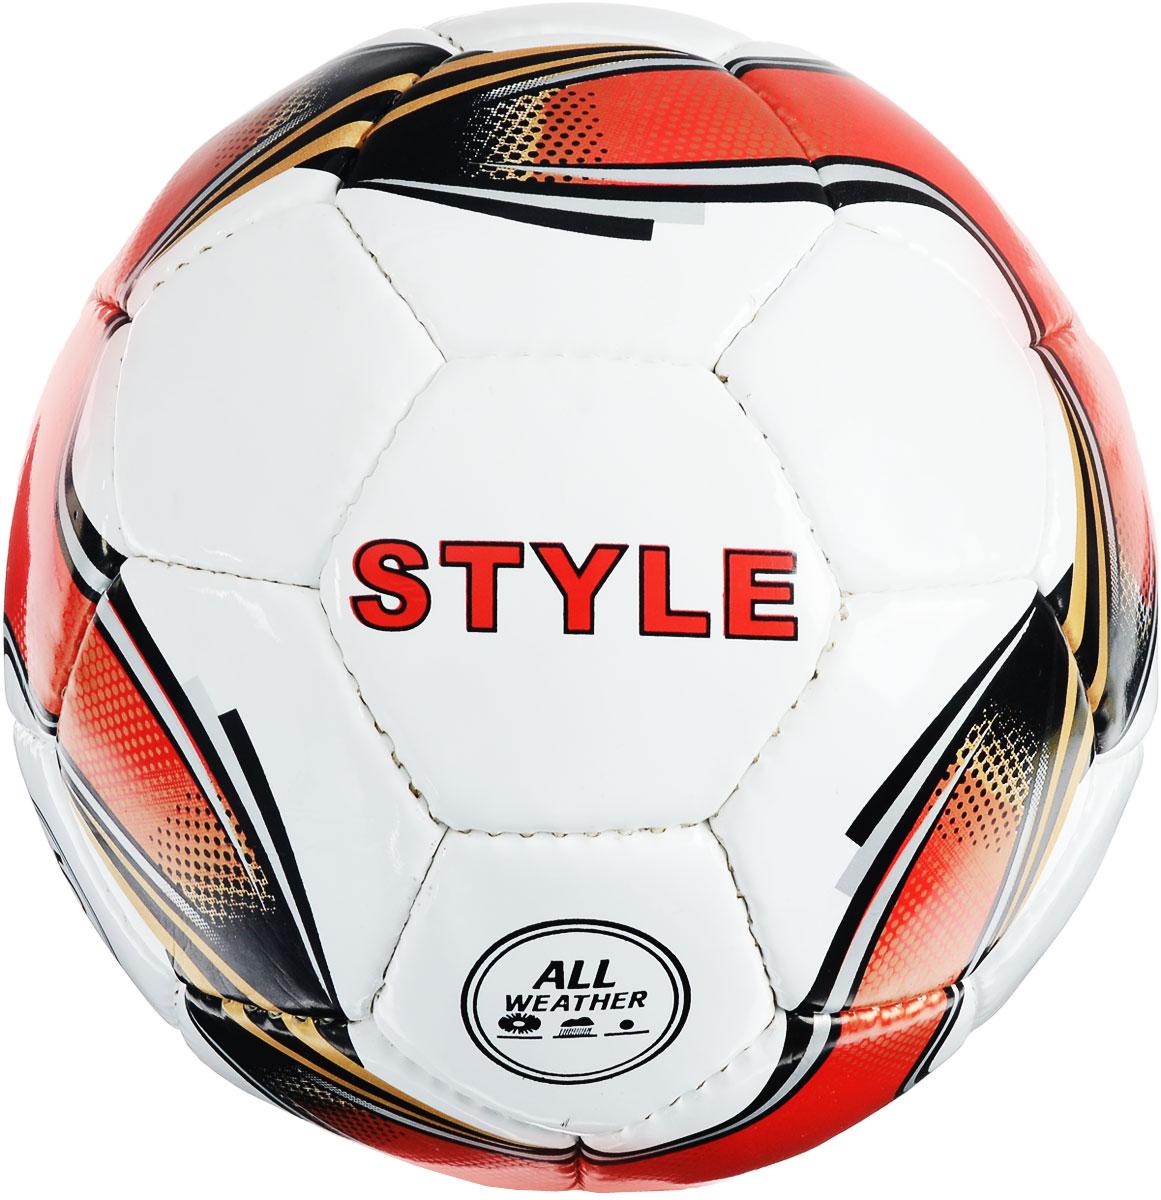 Мяч футбольный Torres Style. Размер 528259519_красный, белыйМяч футбольный Torres Style выполнен из прочного полиуретана под натуральную кожу толщиной 1,2 мм на нетканой основе, снабжен 4 подкладочными слоями и латексной камерой с бутиловым ниппелем. Мяч имеет 32 панели, сшитые вручную. Устойчив к трению и износу, подходит для игры на любых поверхностях в любых погодных условиях. Футбольный мяч Torres может выдерживать не только грунтовые поверхности, но и асфальт, он стойкий к сильным ударам, комфортный и оригинальный благодаря своему дизайну. УВАЖАЕМЫЕ КЛИЕНТЫ! Просим обратить ваше внимание на тот факт, что мяч поставляется в сдутом состоянии и надувается при помощи насоса (насос не входит в комплект).